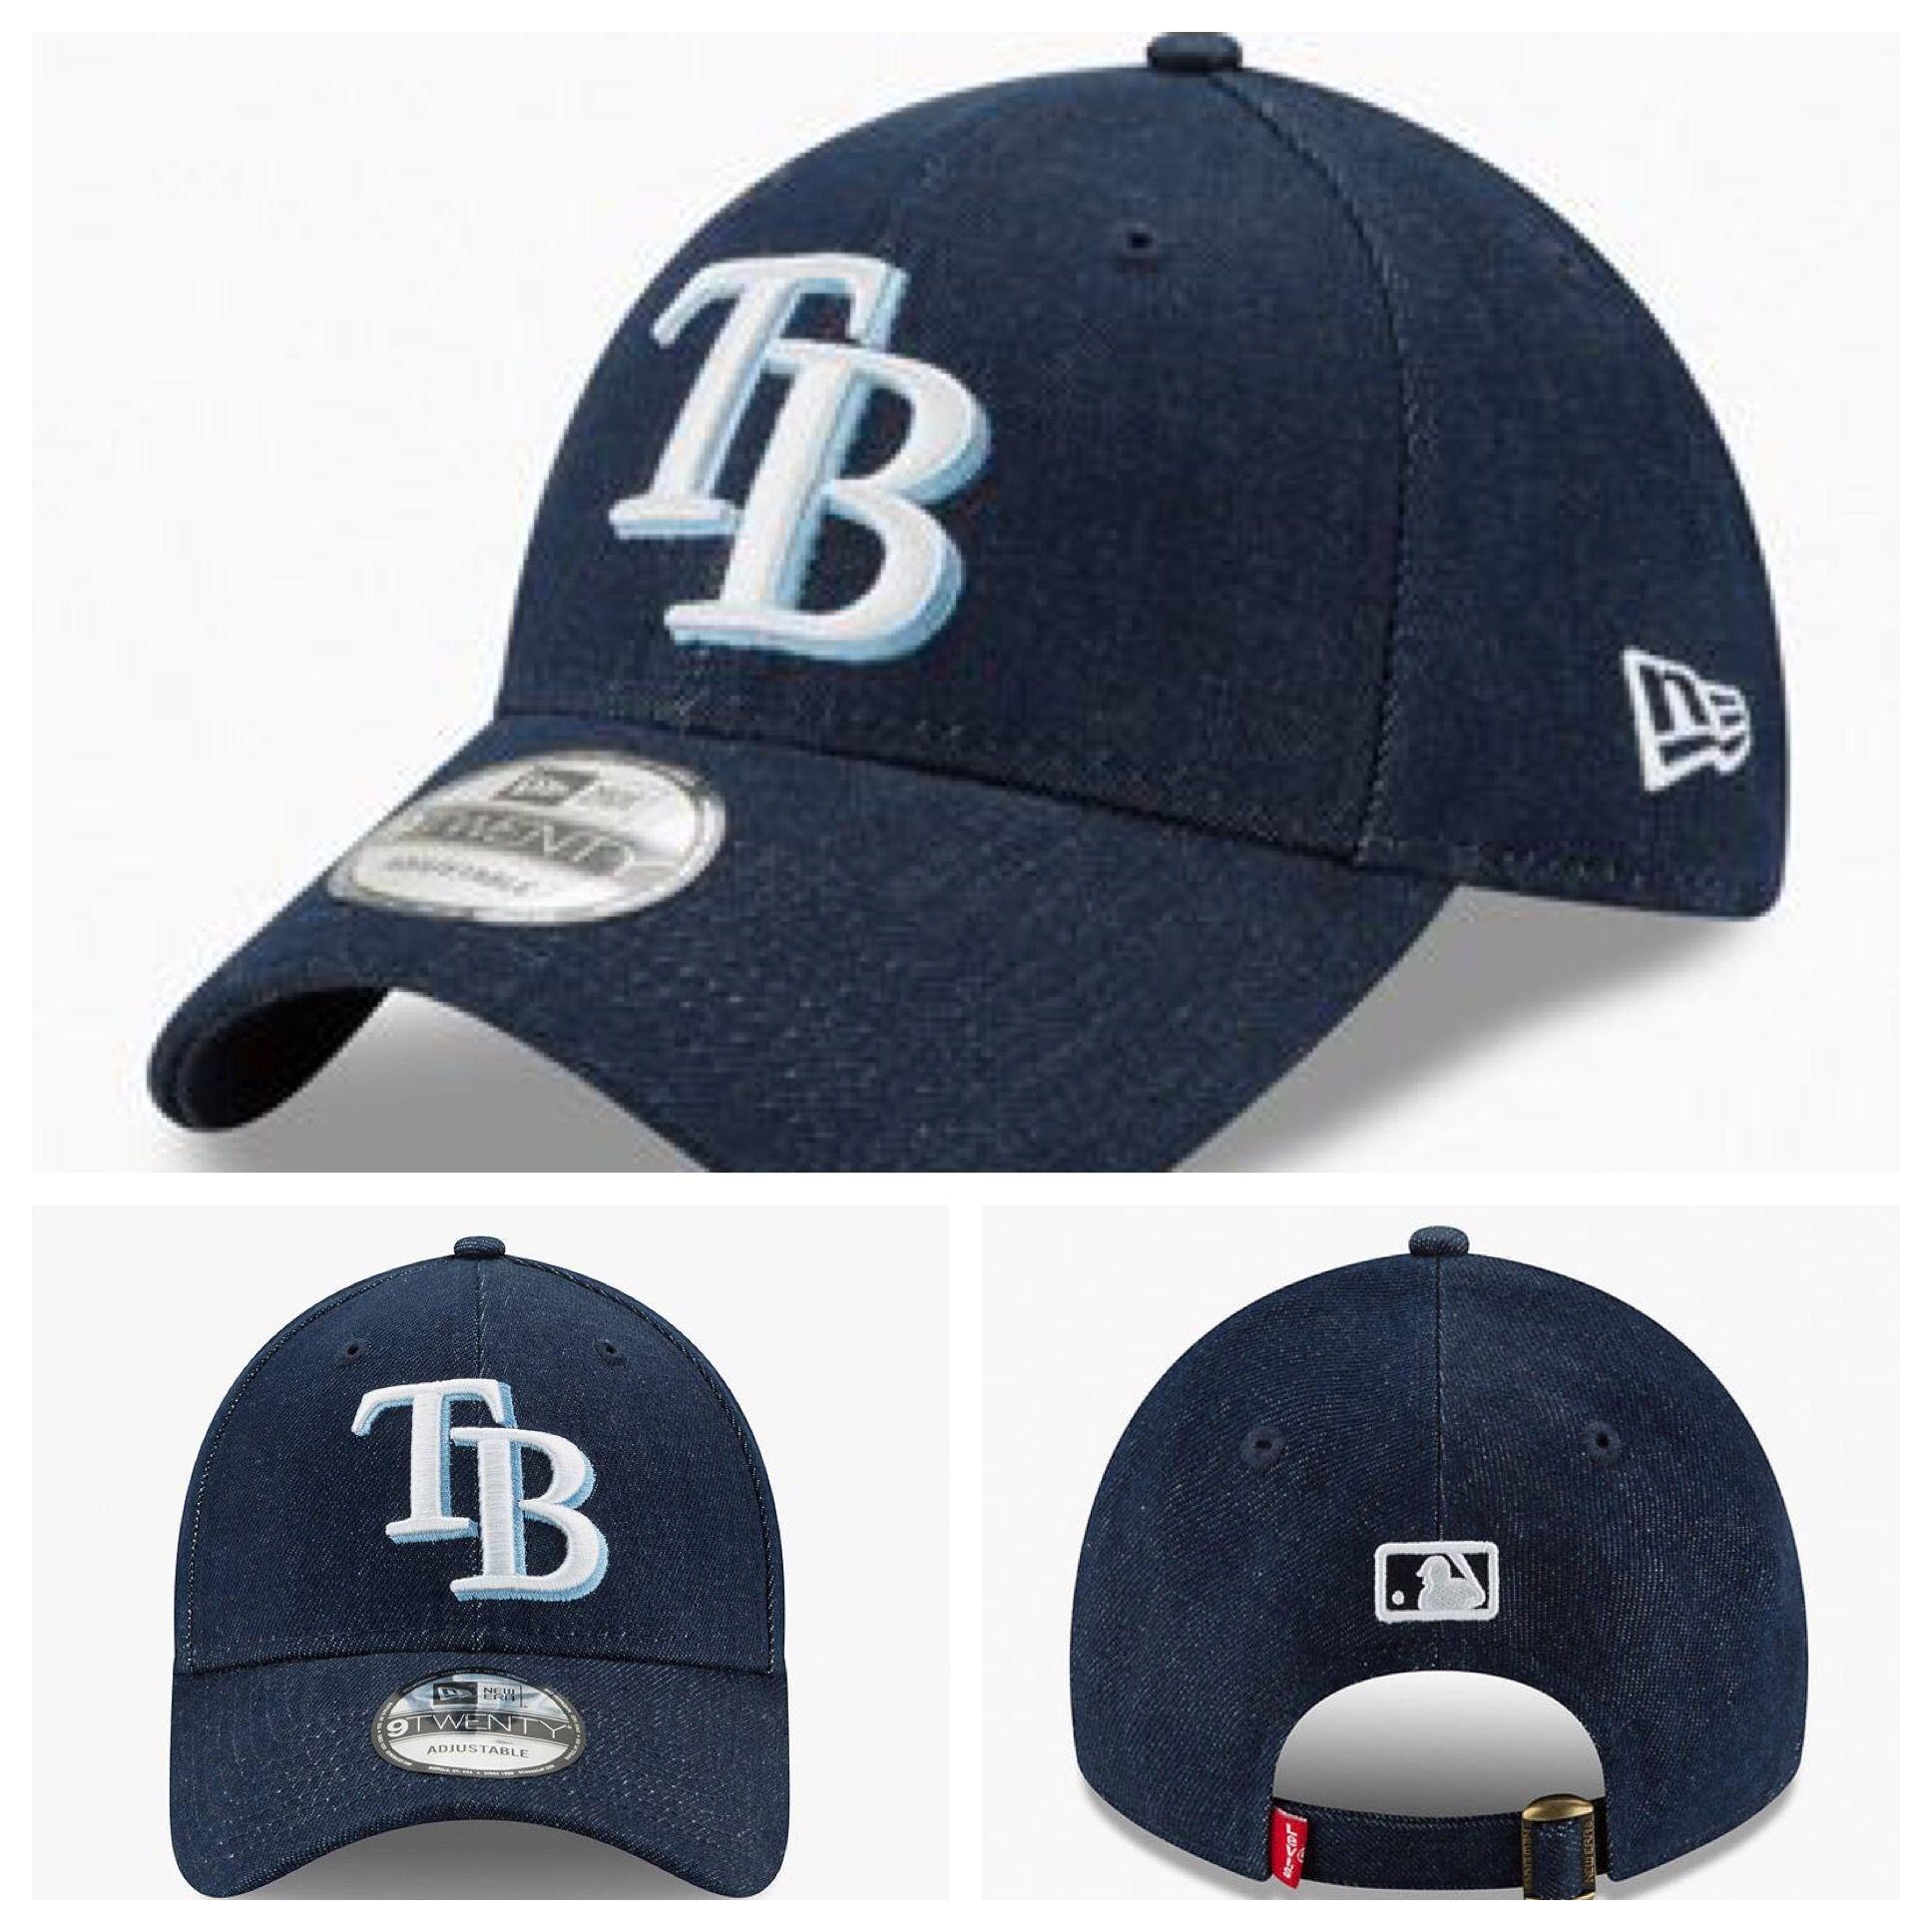 Levi S X New Era Mlb Baseball Cap Cap Collection Mlb Baseball Caps Cap